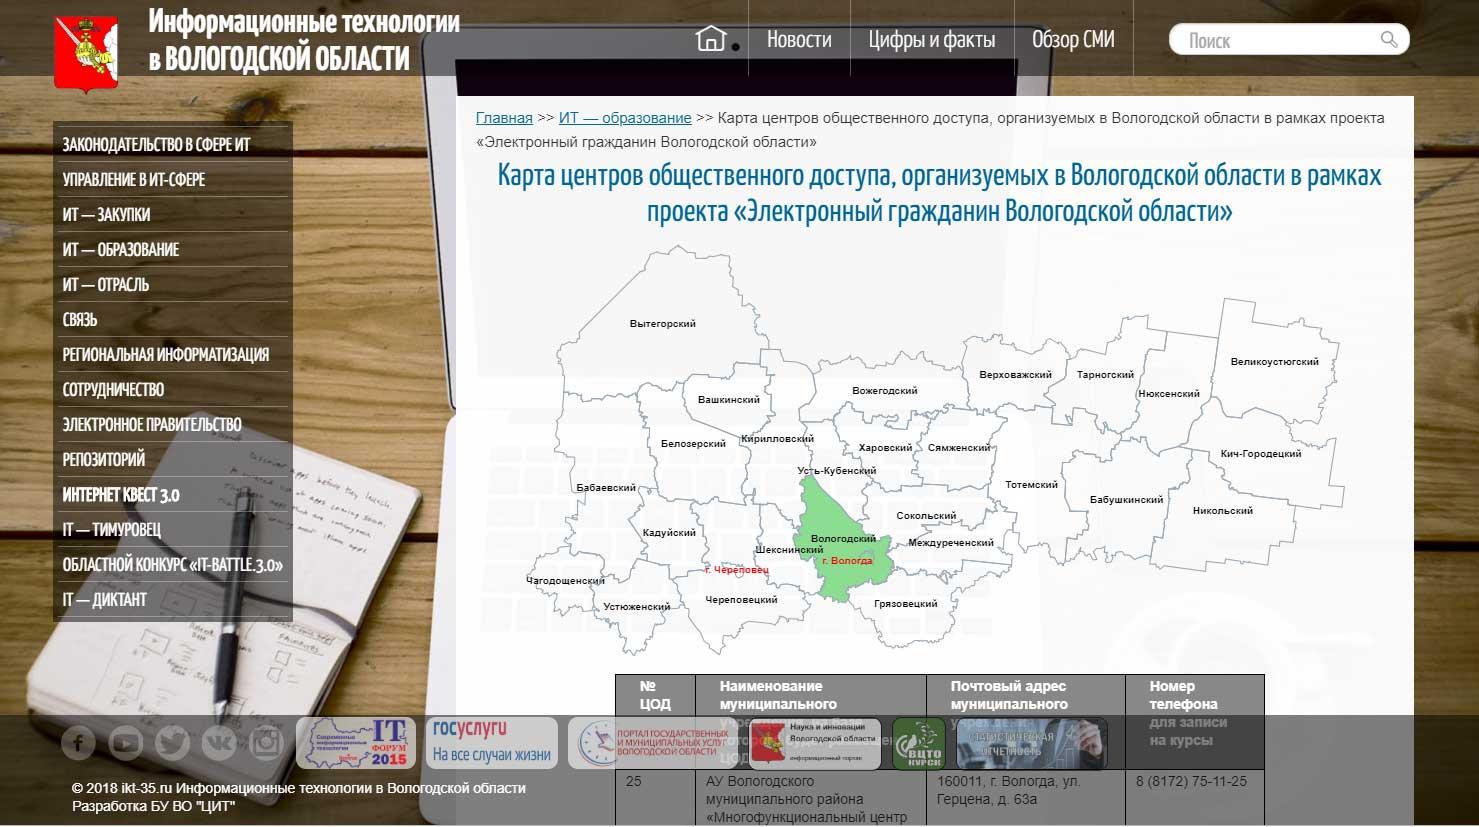 Образовательный проект «Электронный гражданин Вологодской области» с 1 января 2019 преобразуют в «Цифрового гражданина»